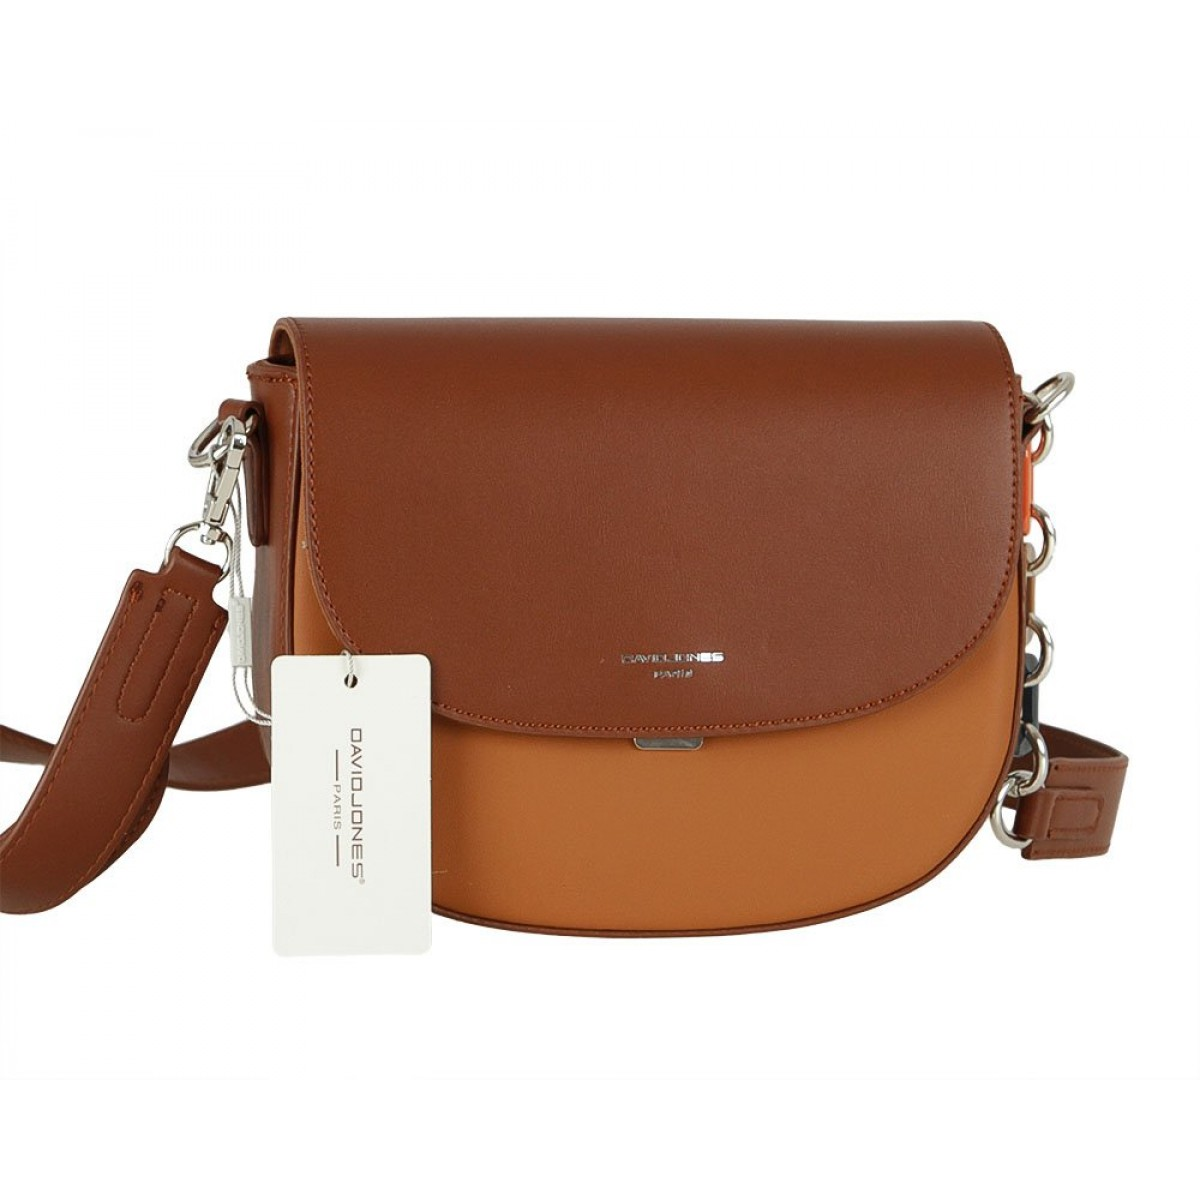 Жіноча сумка David Jones 6408-1 COGNAC